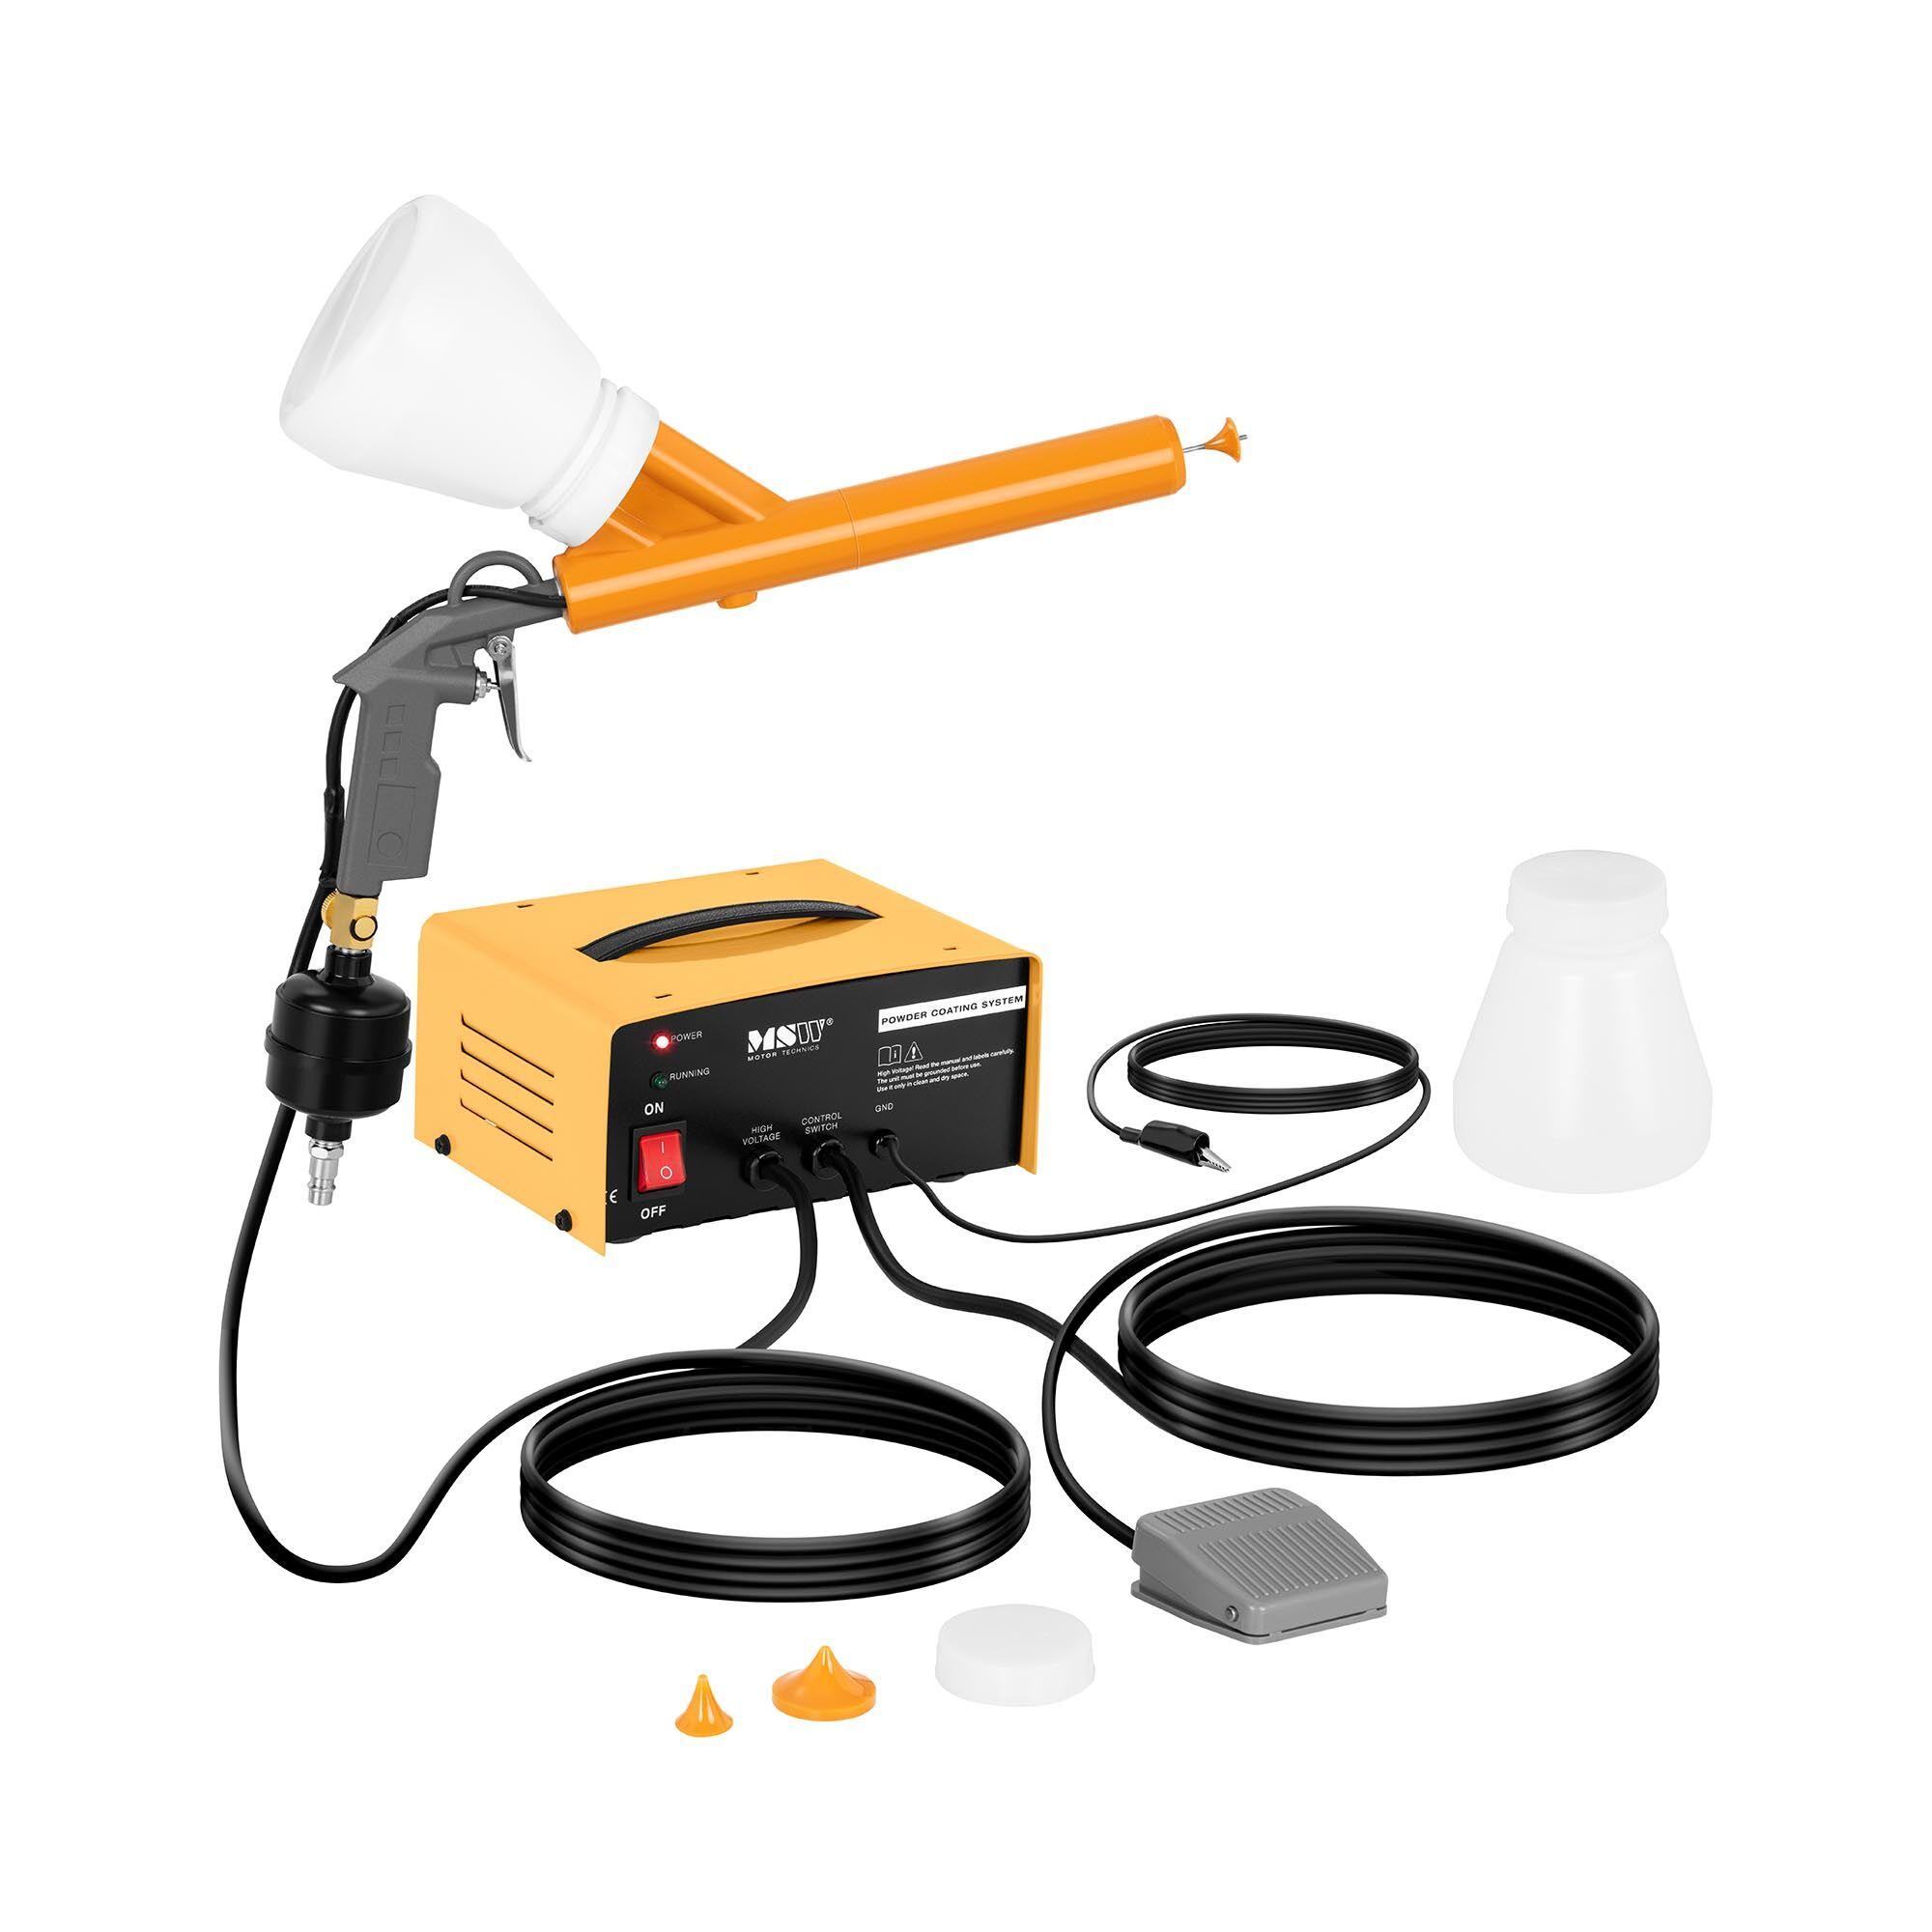 msw verniciatore a polvere - 2 x 650 ml - da 0,7 a 2,1 bar -pcs-100